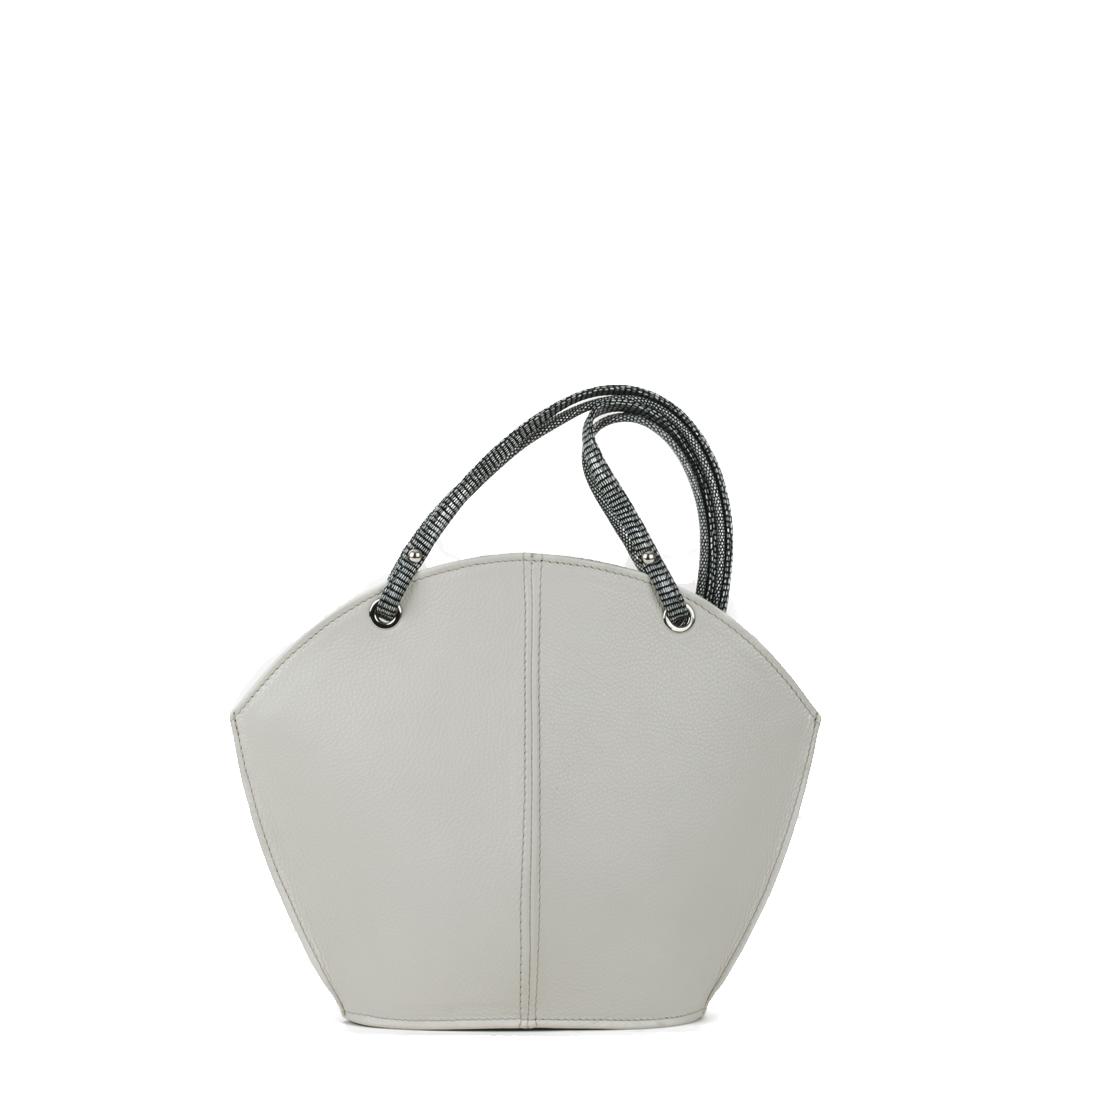 Ava Stone Leather Shoulder Bag